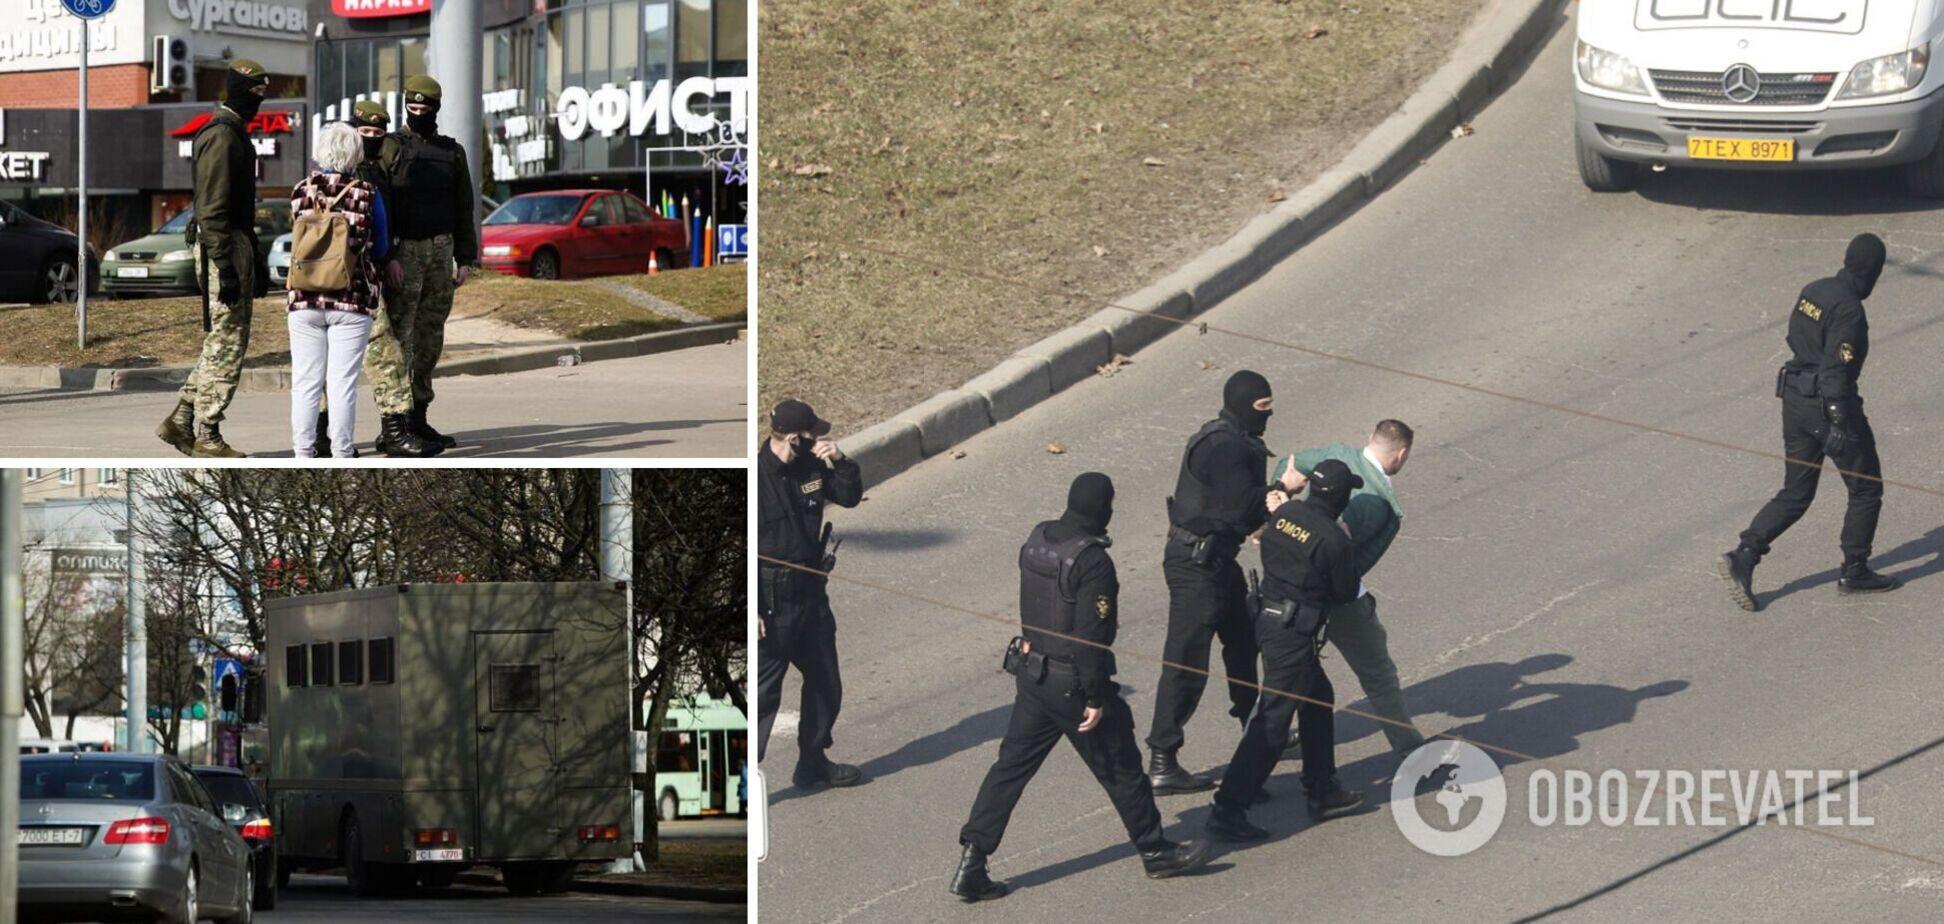 Белорусы попытались выйти на первый массовый протест 2021 года: задержаны 100 человек. Фото и видео